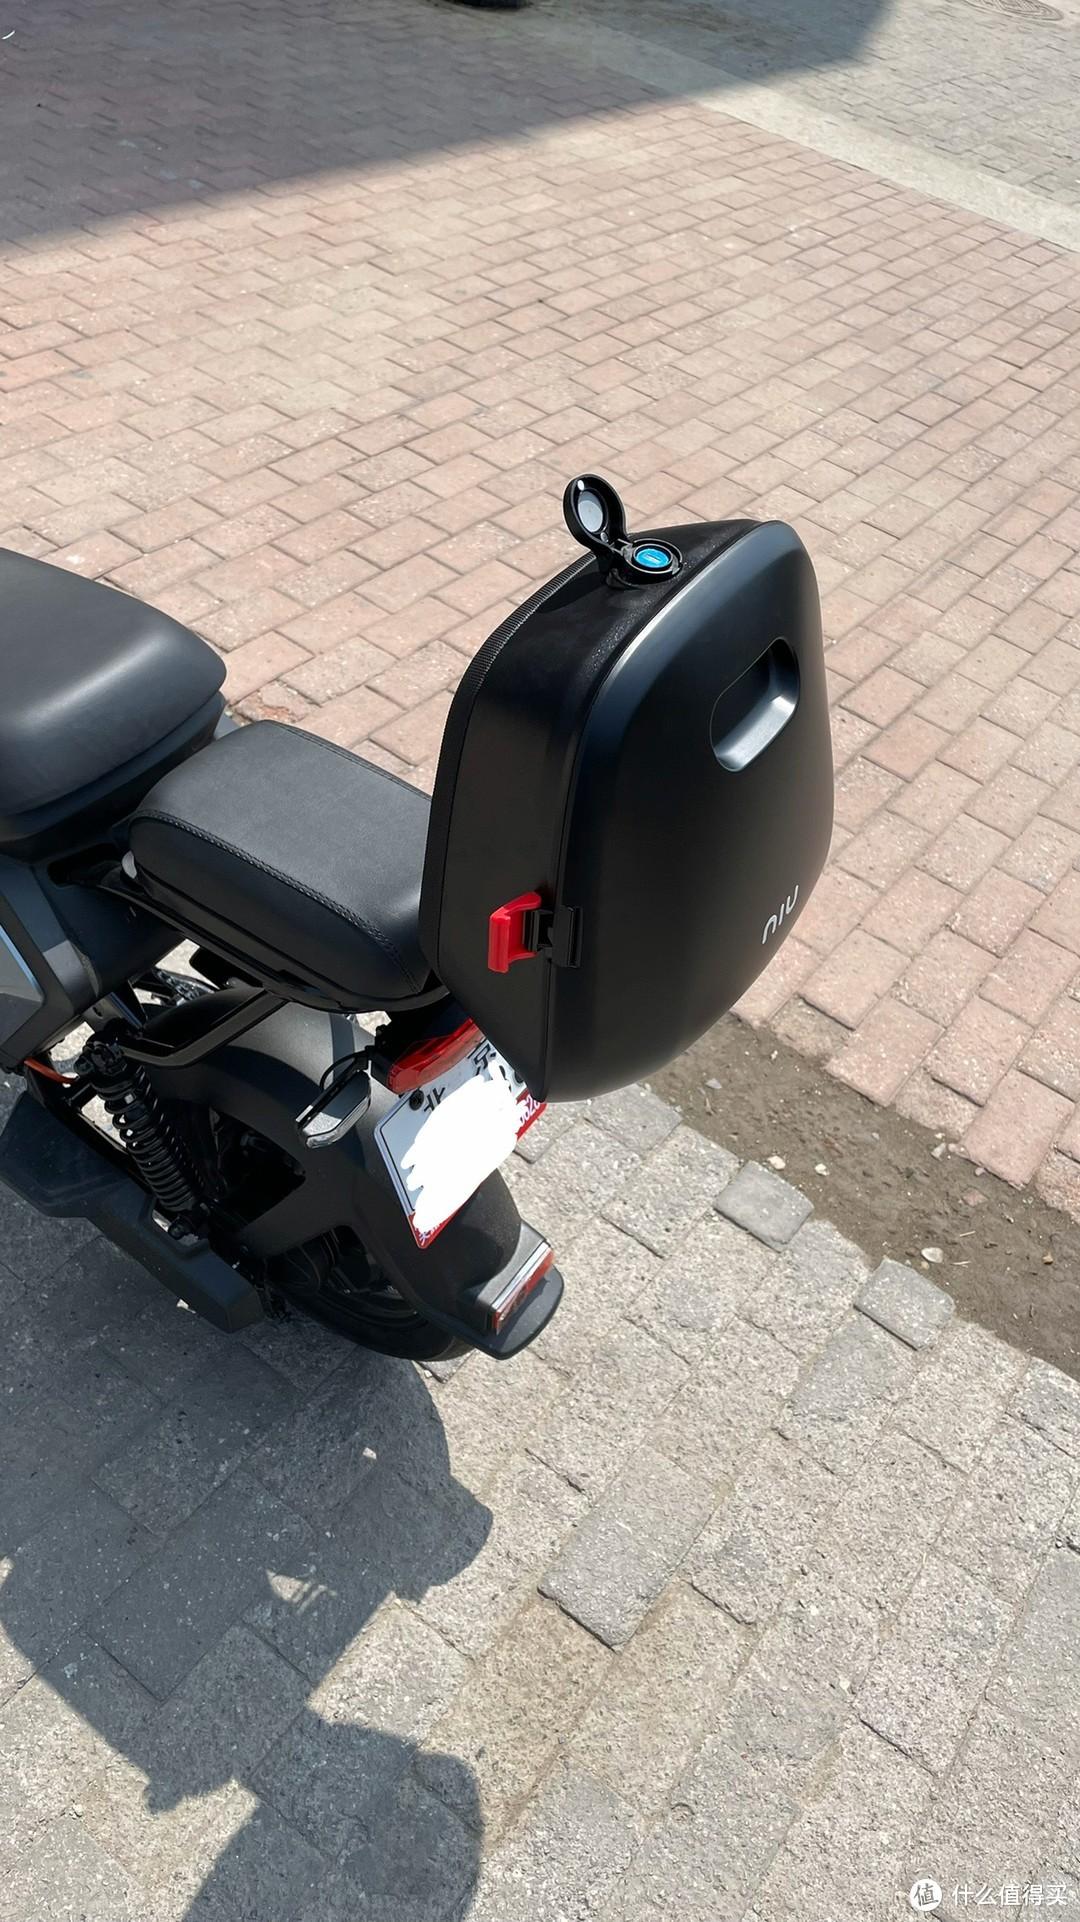 选了个这样的尾箱. 靠背一体化的, 能靠, 能装, 也都黑色的, 跟车身融合, 视觉上统一, 简化视觉的设计, 也是一种美的方法.